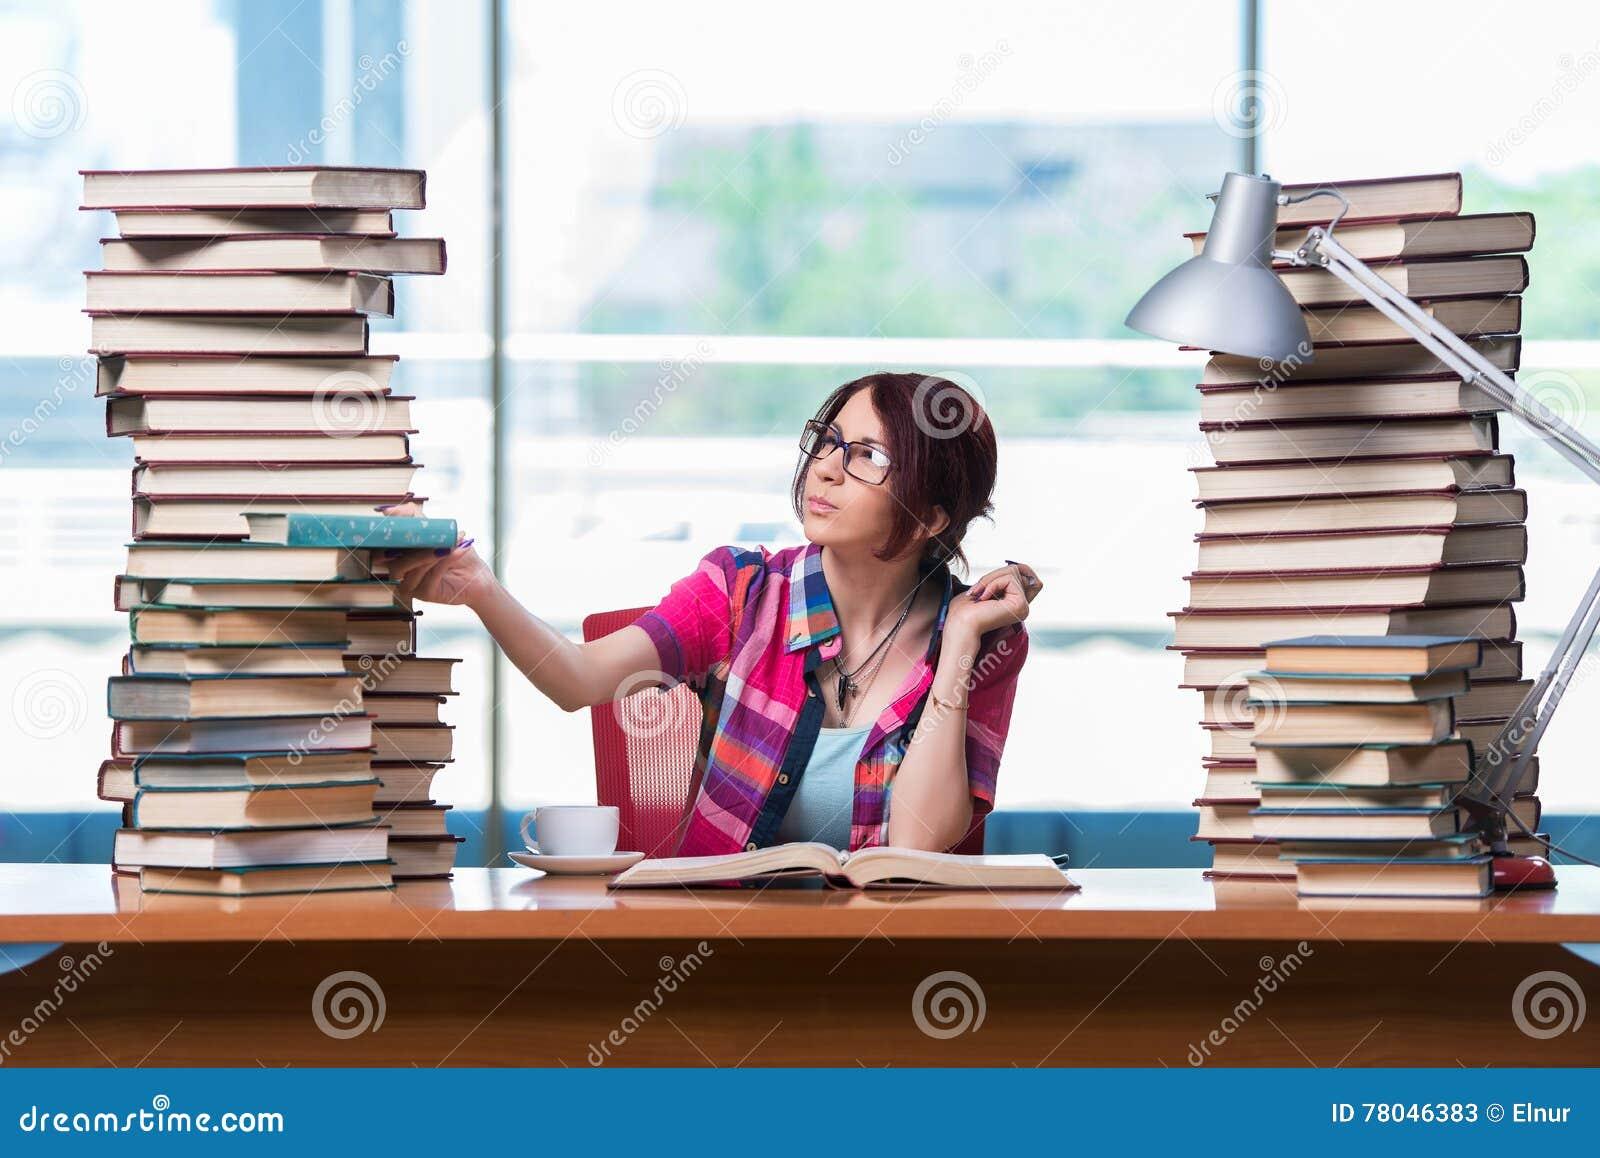 Den unga kvinnliga studenten som förbereder sig för examina